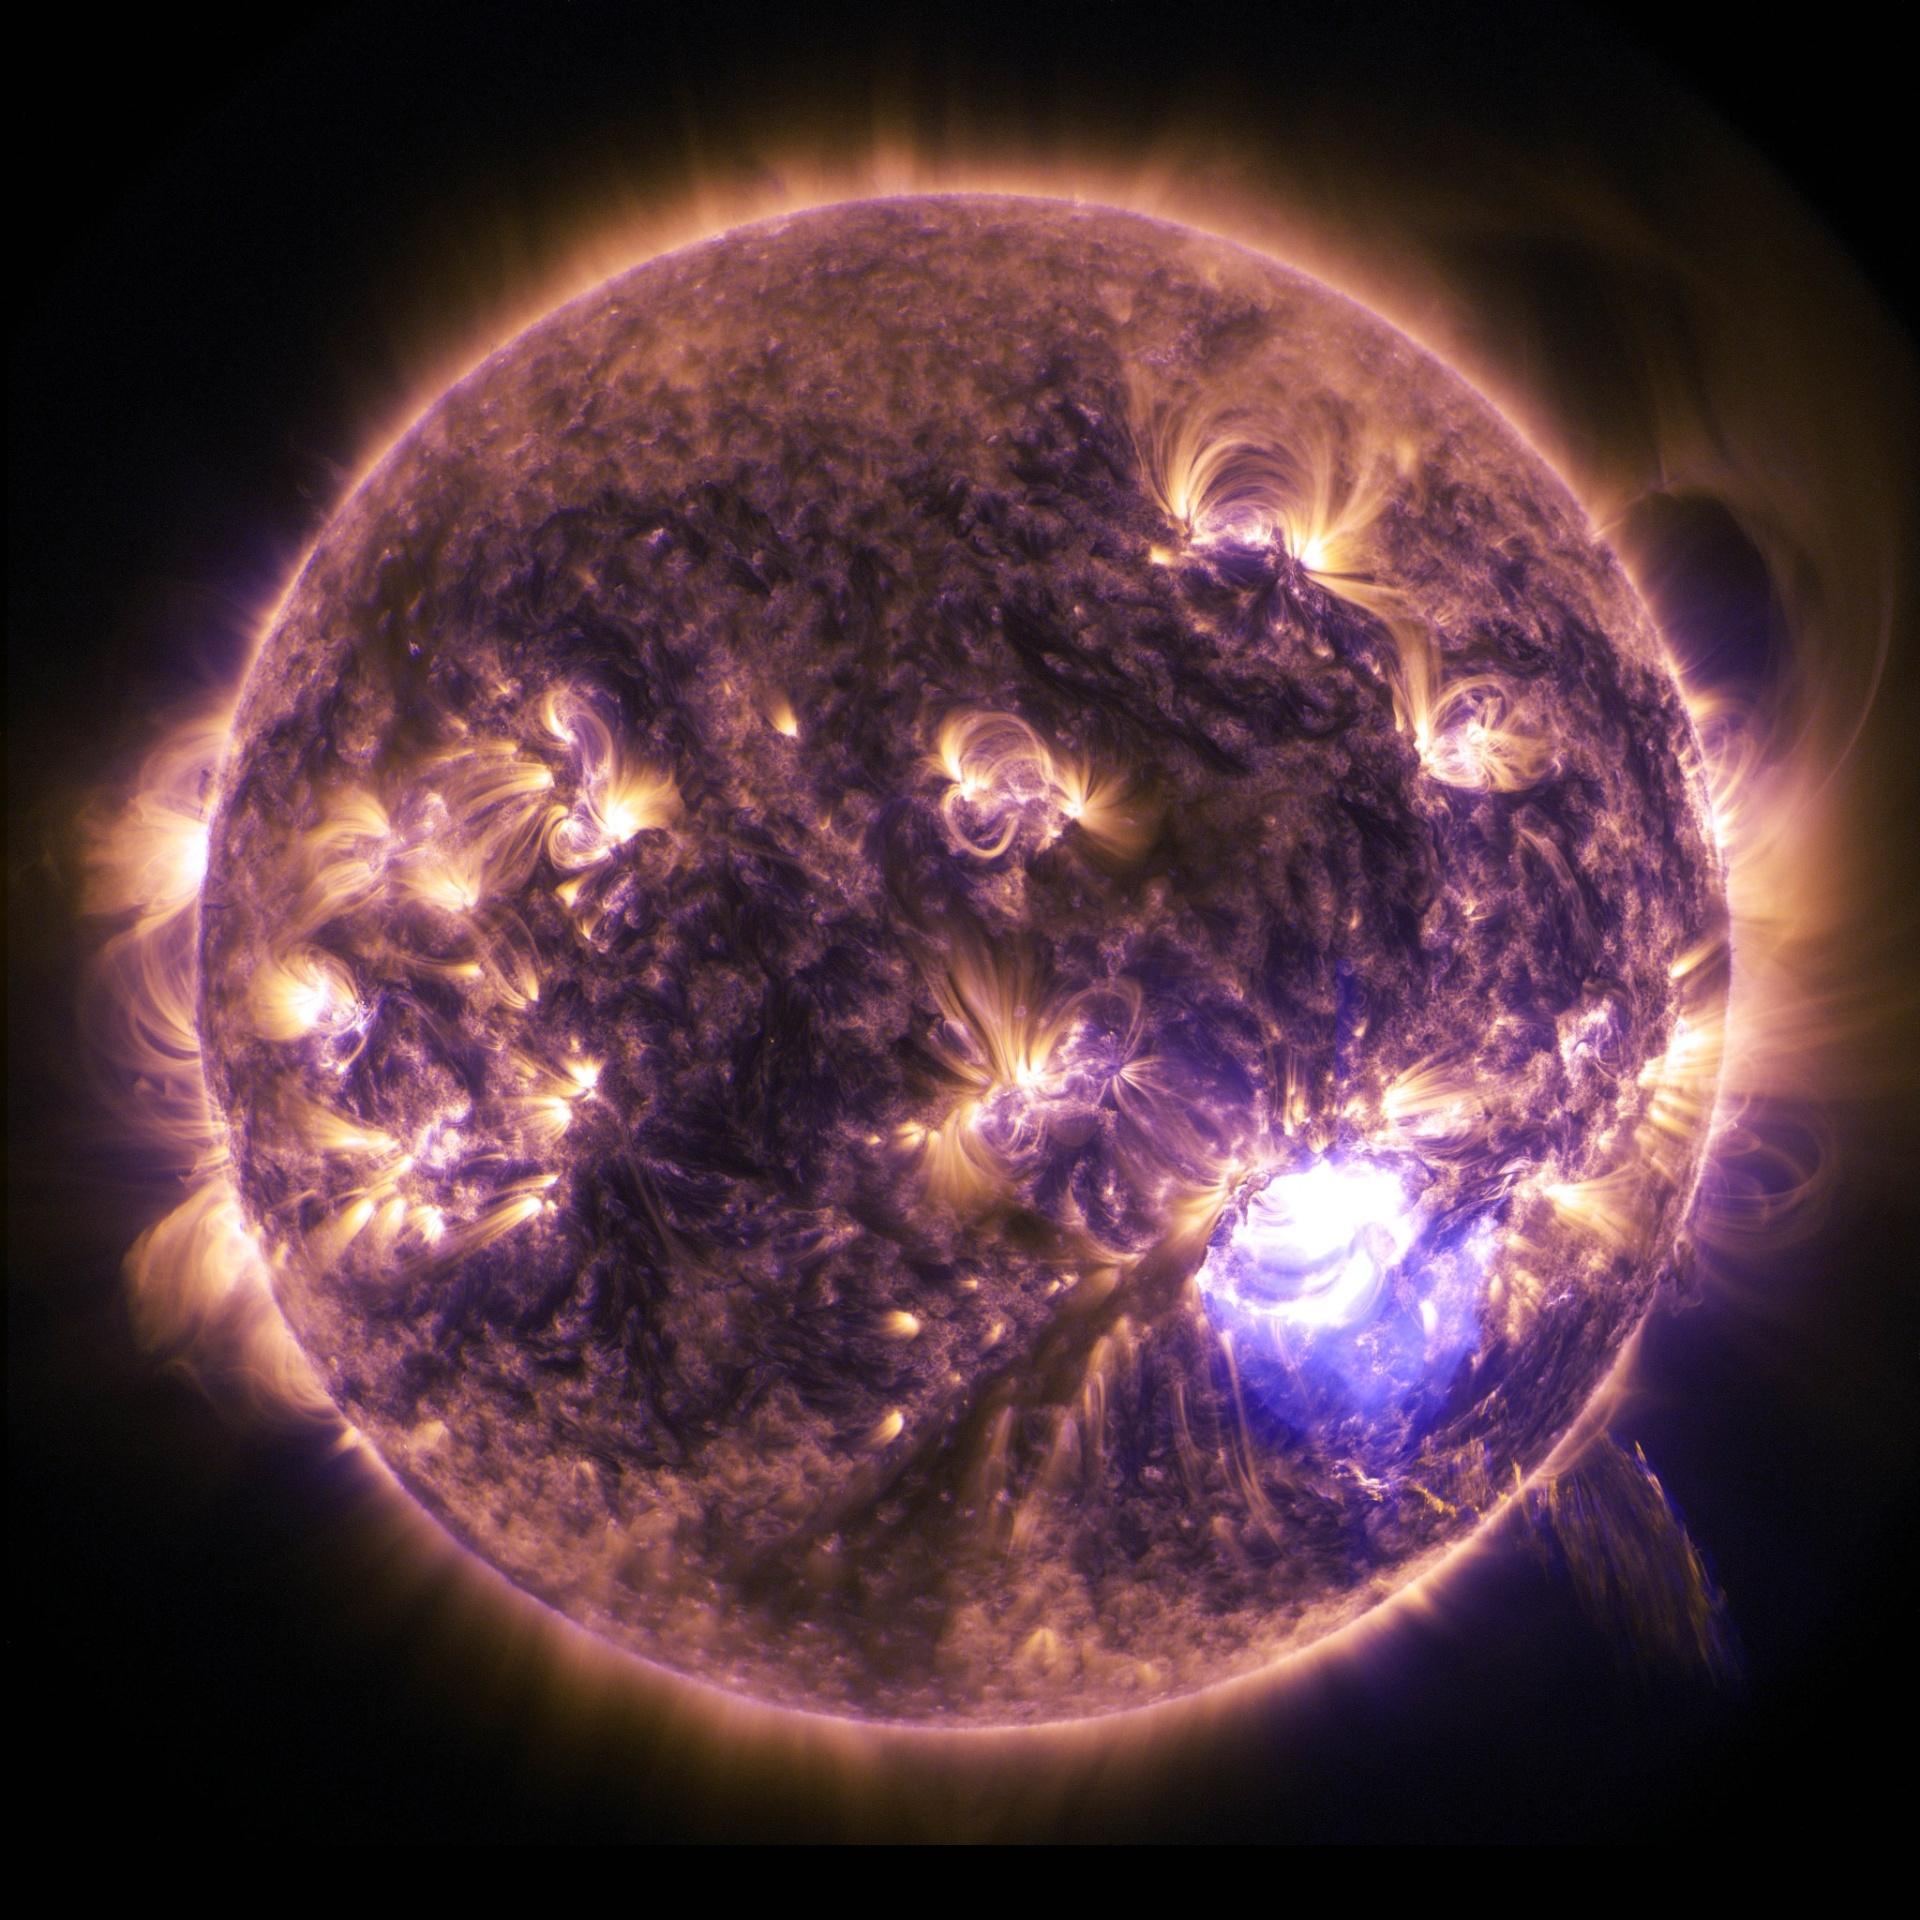 22.dez.2014 - O Sol emitiu uma labareda significativa como mostra fotografia feita na sexta-feira (19) pelo observatório solar da Nasa (Agência Espacial Americana). As labaredas solares são poderosas rajadas de radiação, que não afetam fisicamente os seres humanos. No entanto, quando intensa, a radiação pode afetar a camada da atmosfera e alterar sinais de comunicação como os do GPS